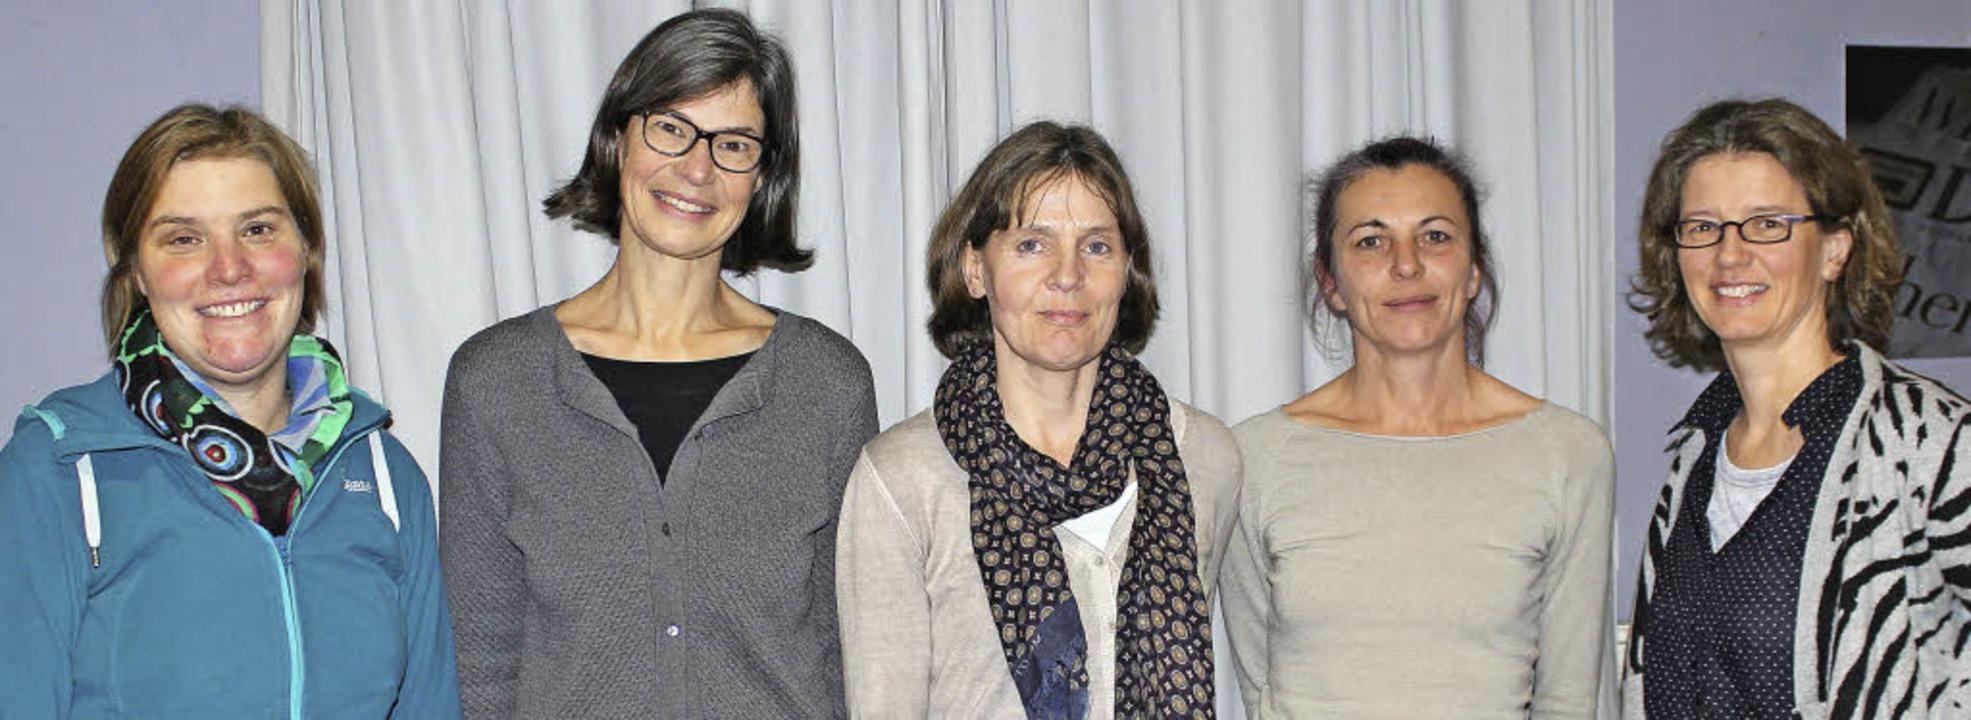 Der Vorstand des Kinder- und Jugendcho...sen, Heike Mages und  Andrea Heinrich     Foto: Antje Gessner